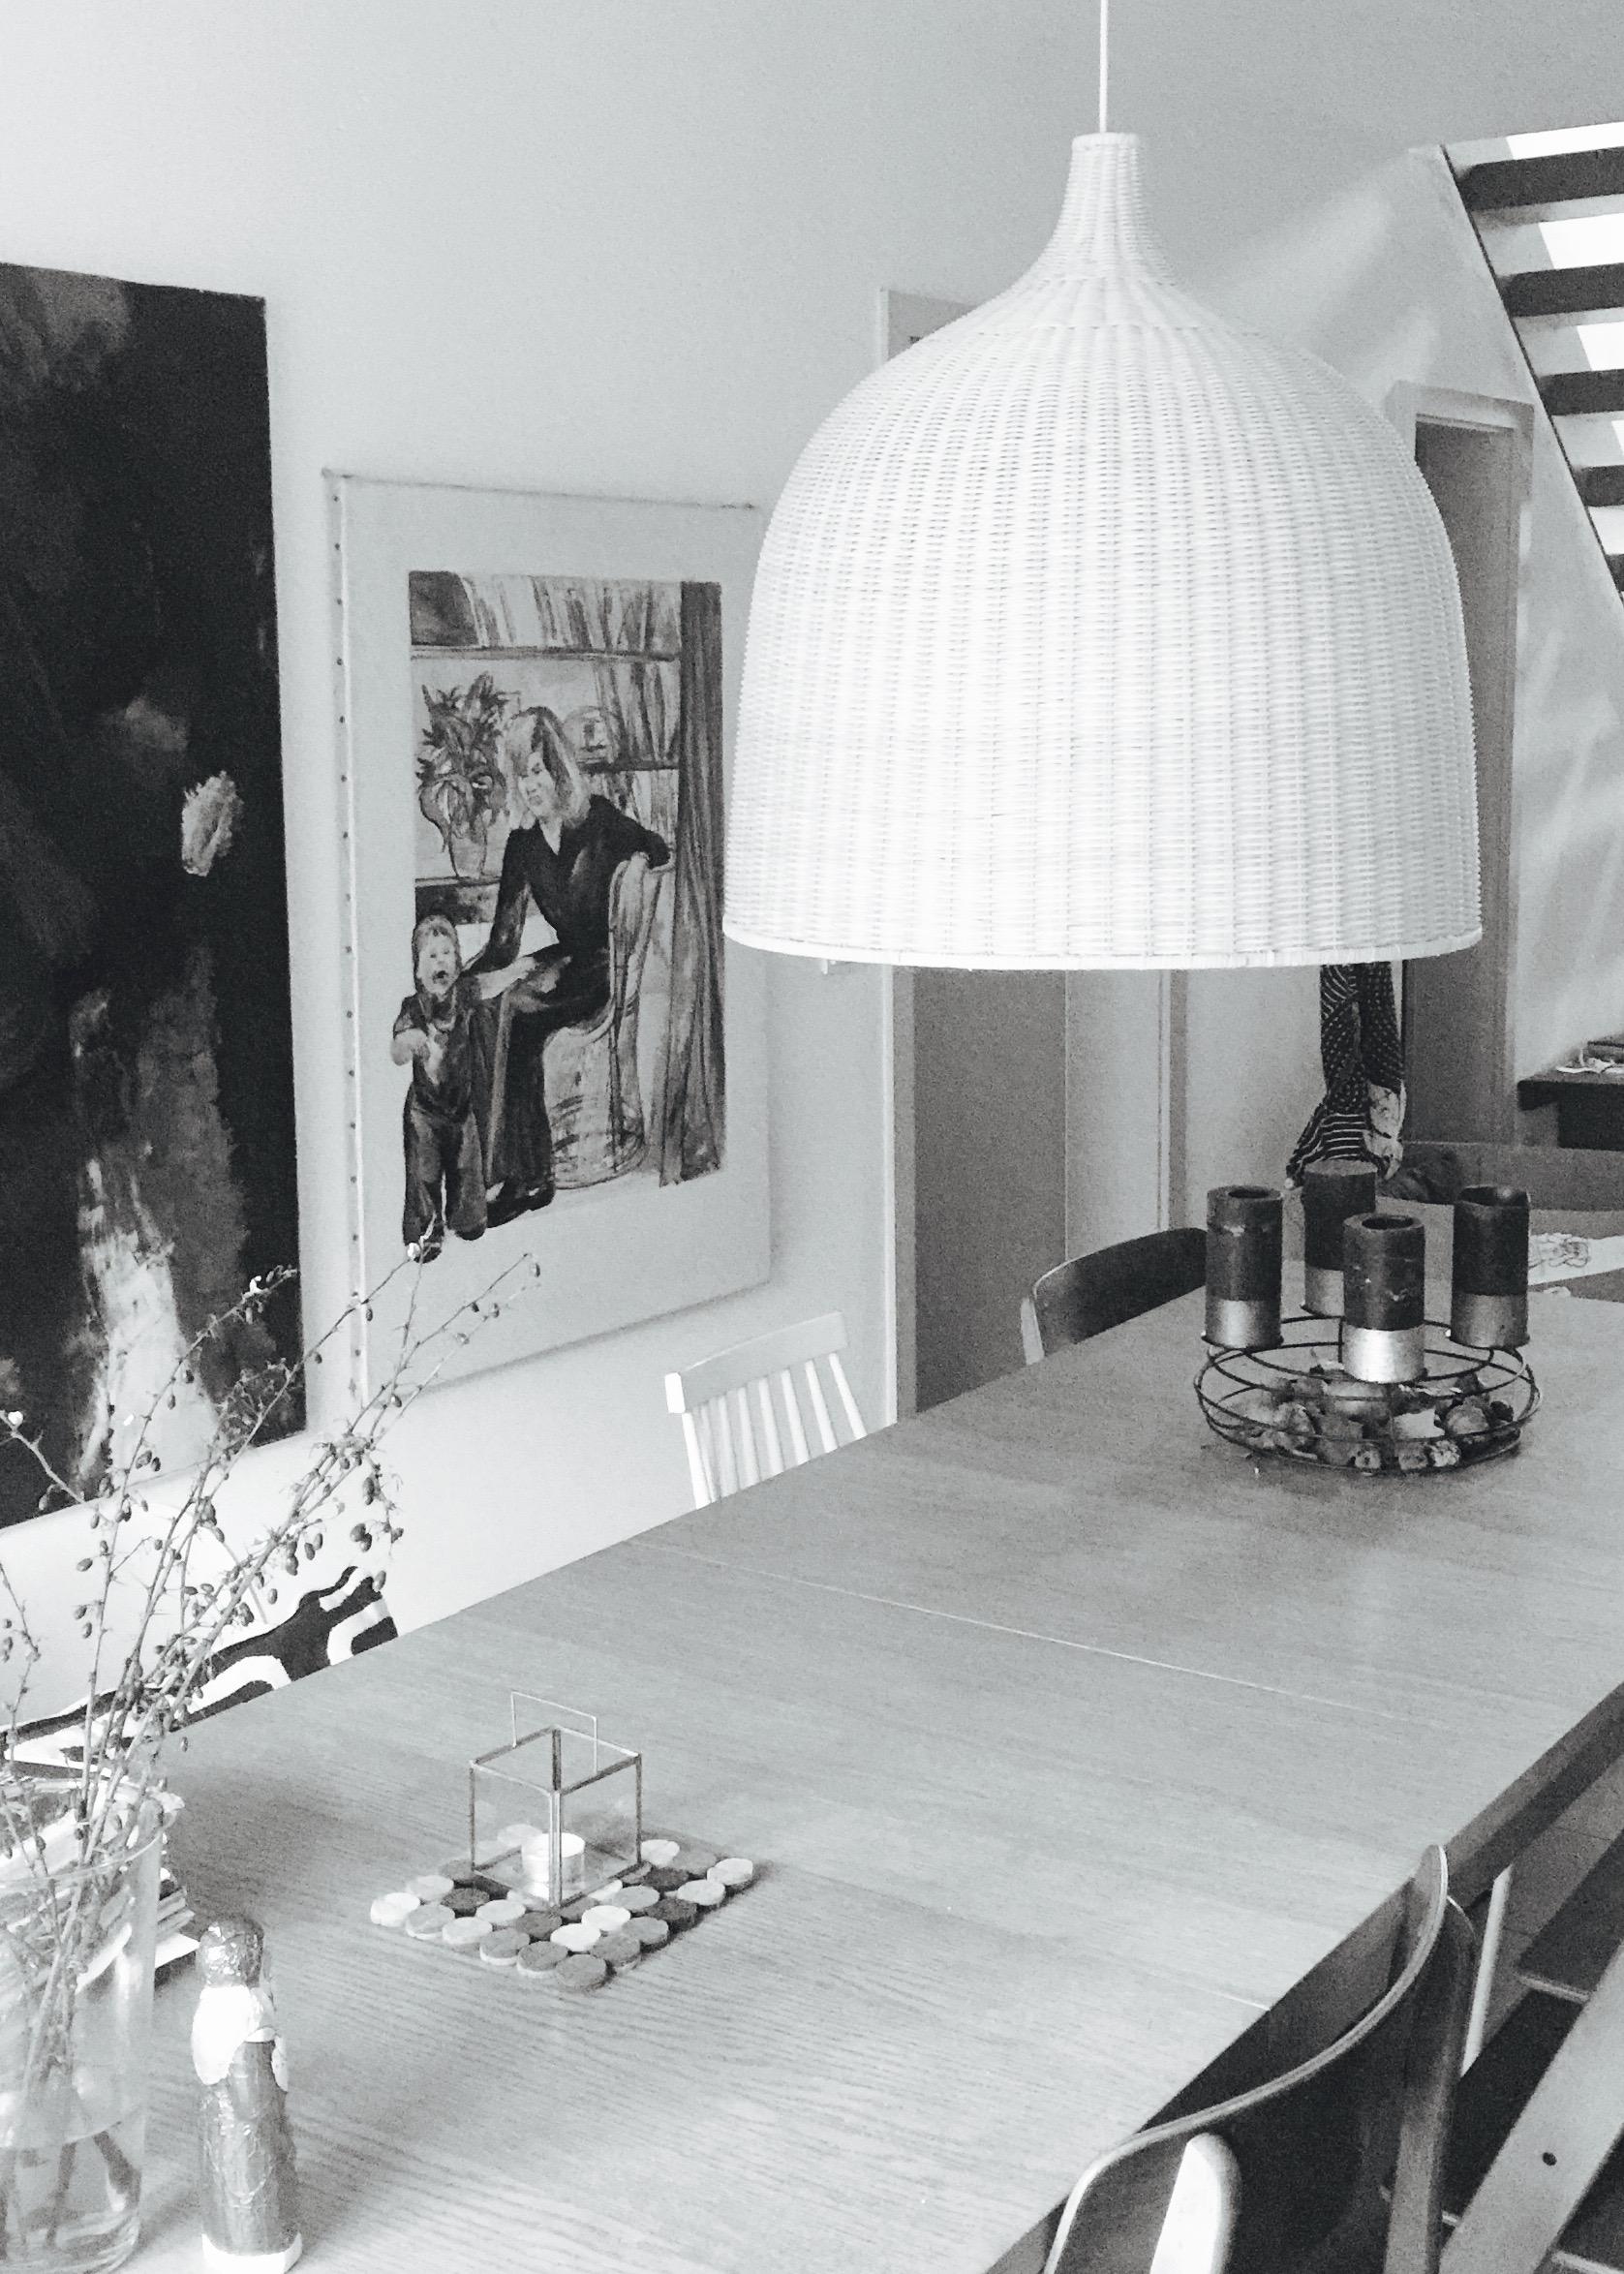 Der große Ikea-Lampenschirm aus Korb hing seit unserem Einzug nur als Platzhalter über dem Esstisch